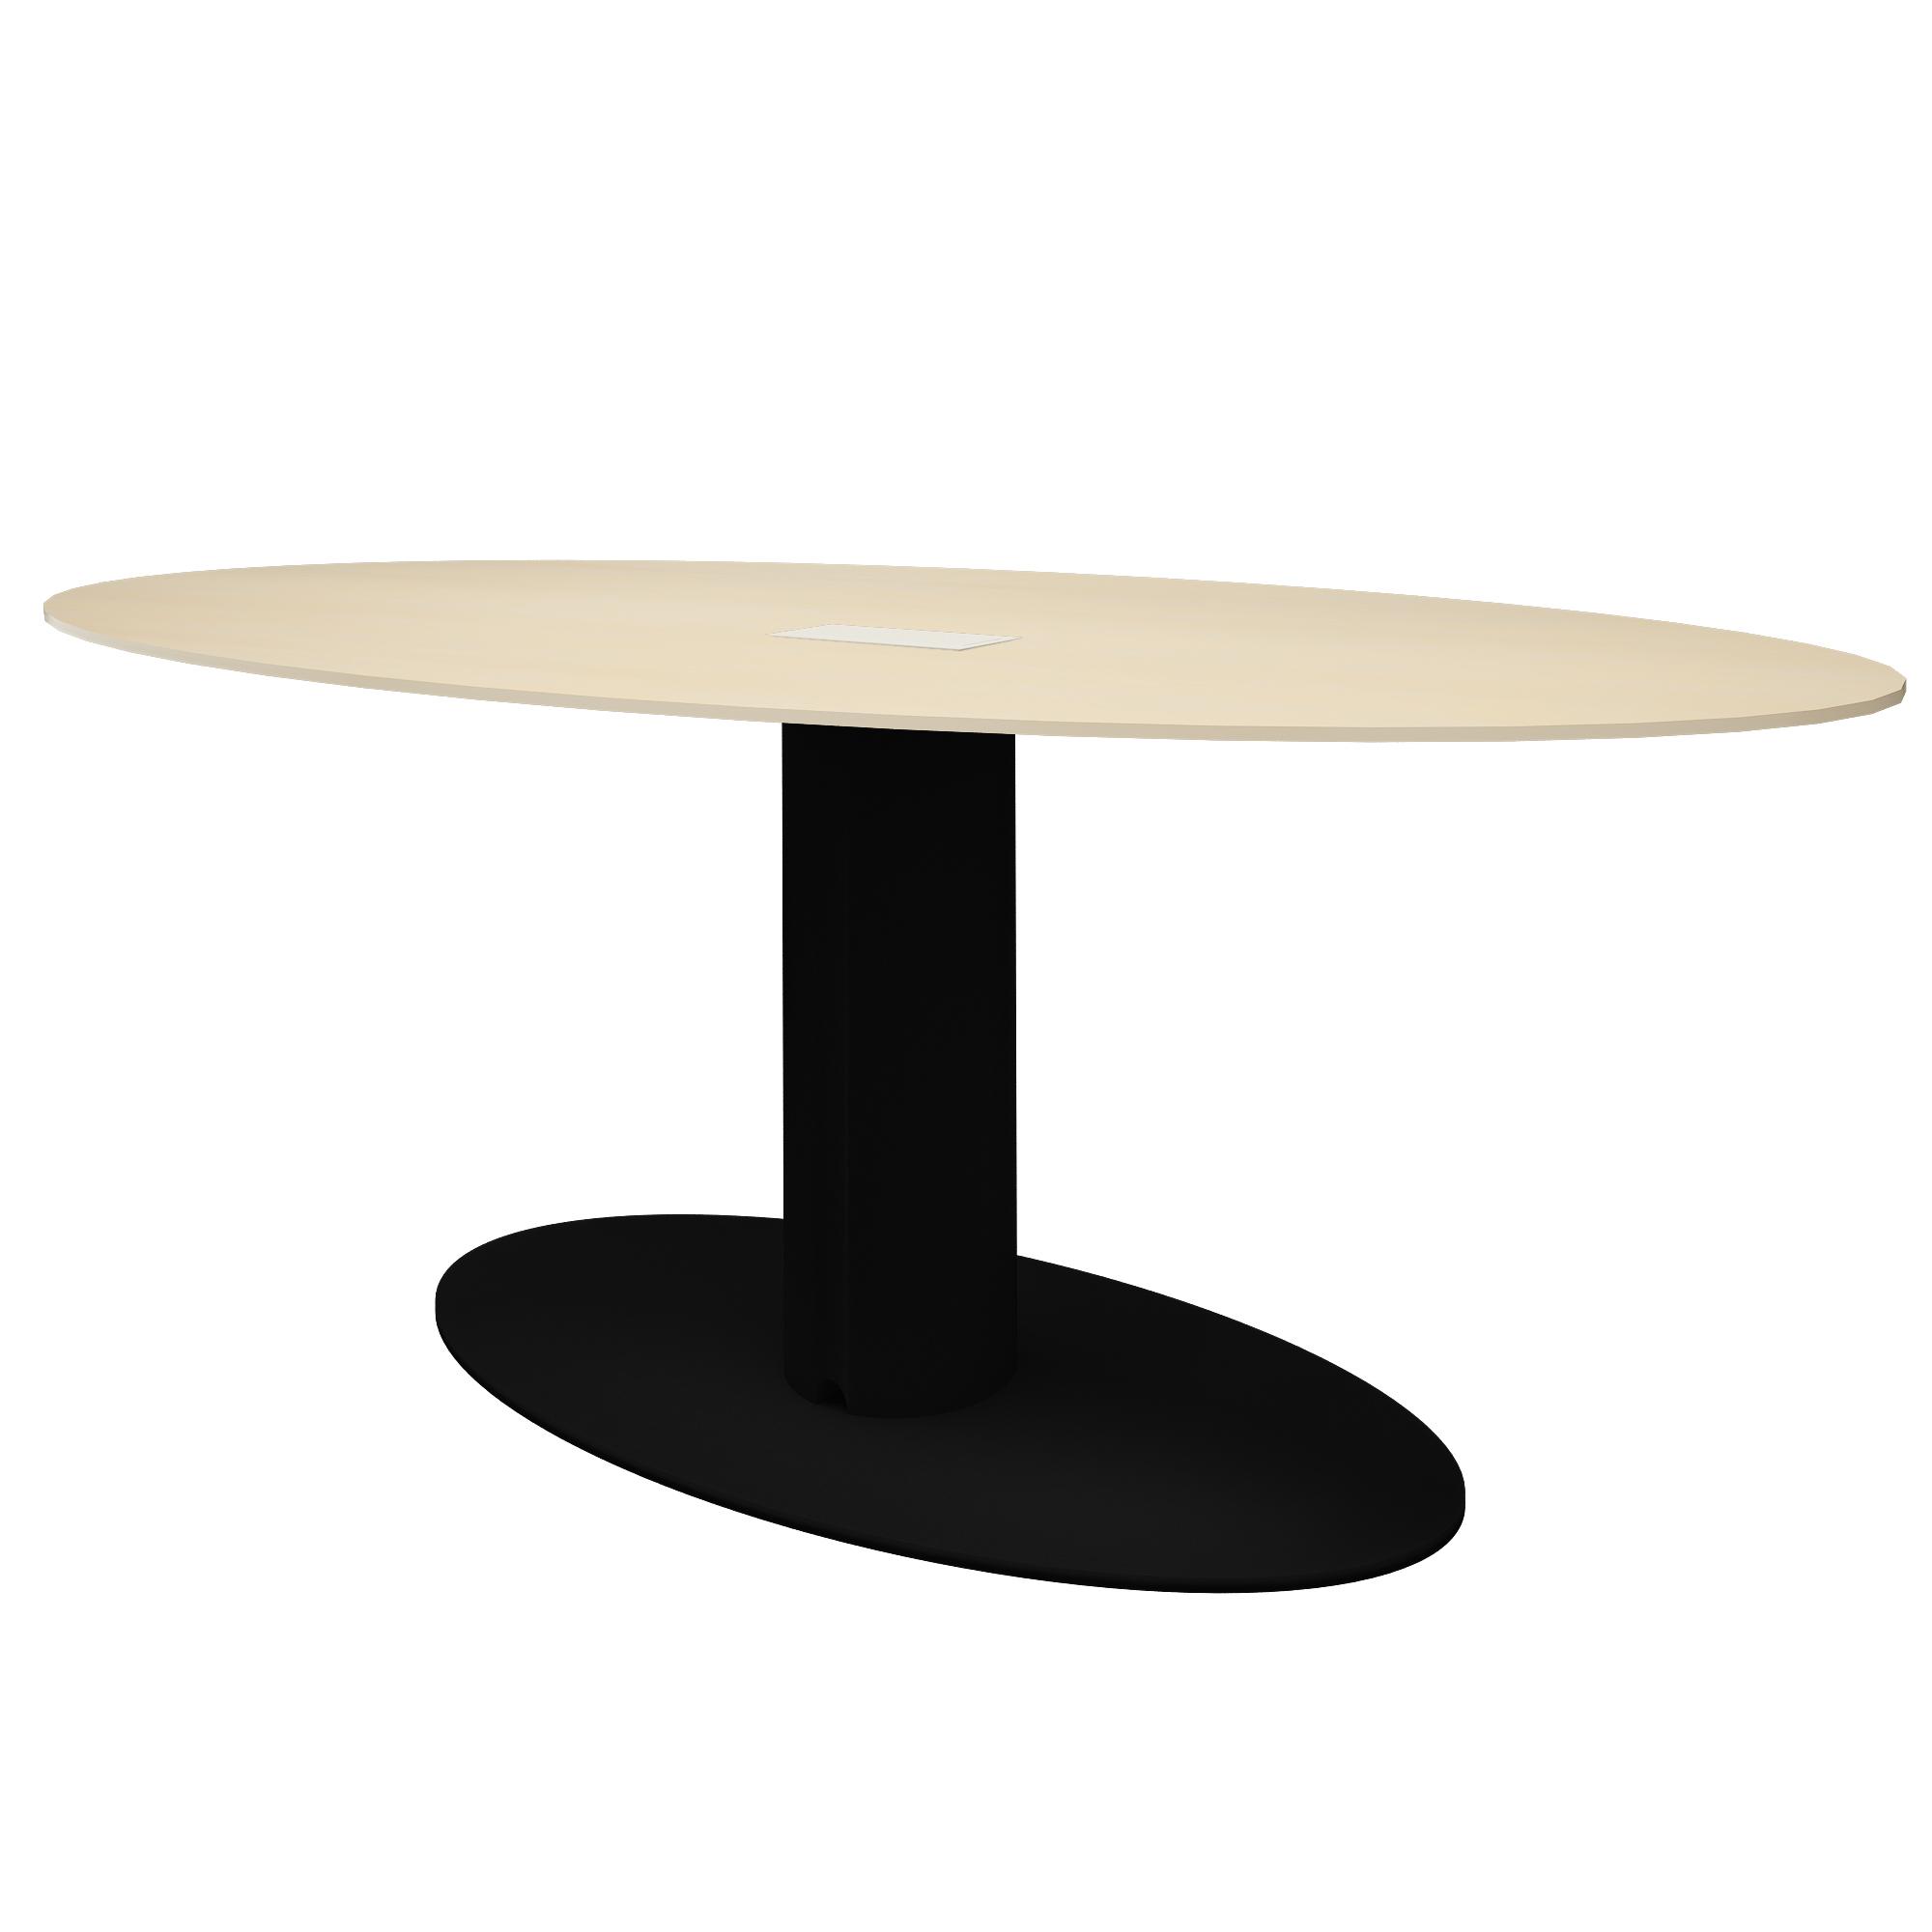 Besprechungstisch mit Elektirfizierung Esstisch Küchentisch oval Bralco - Take Off Evo